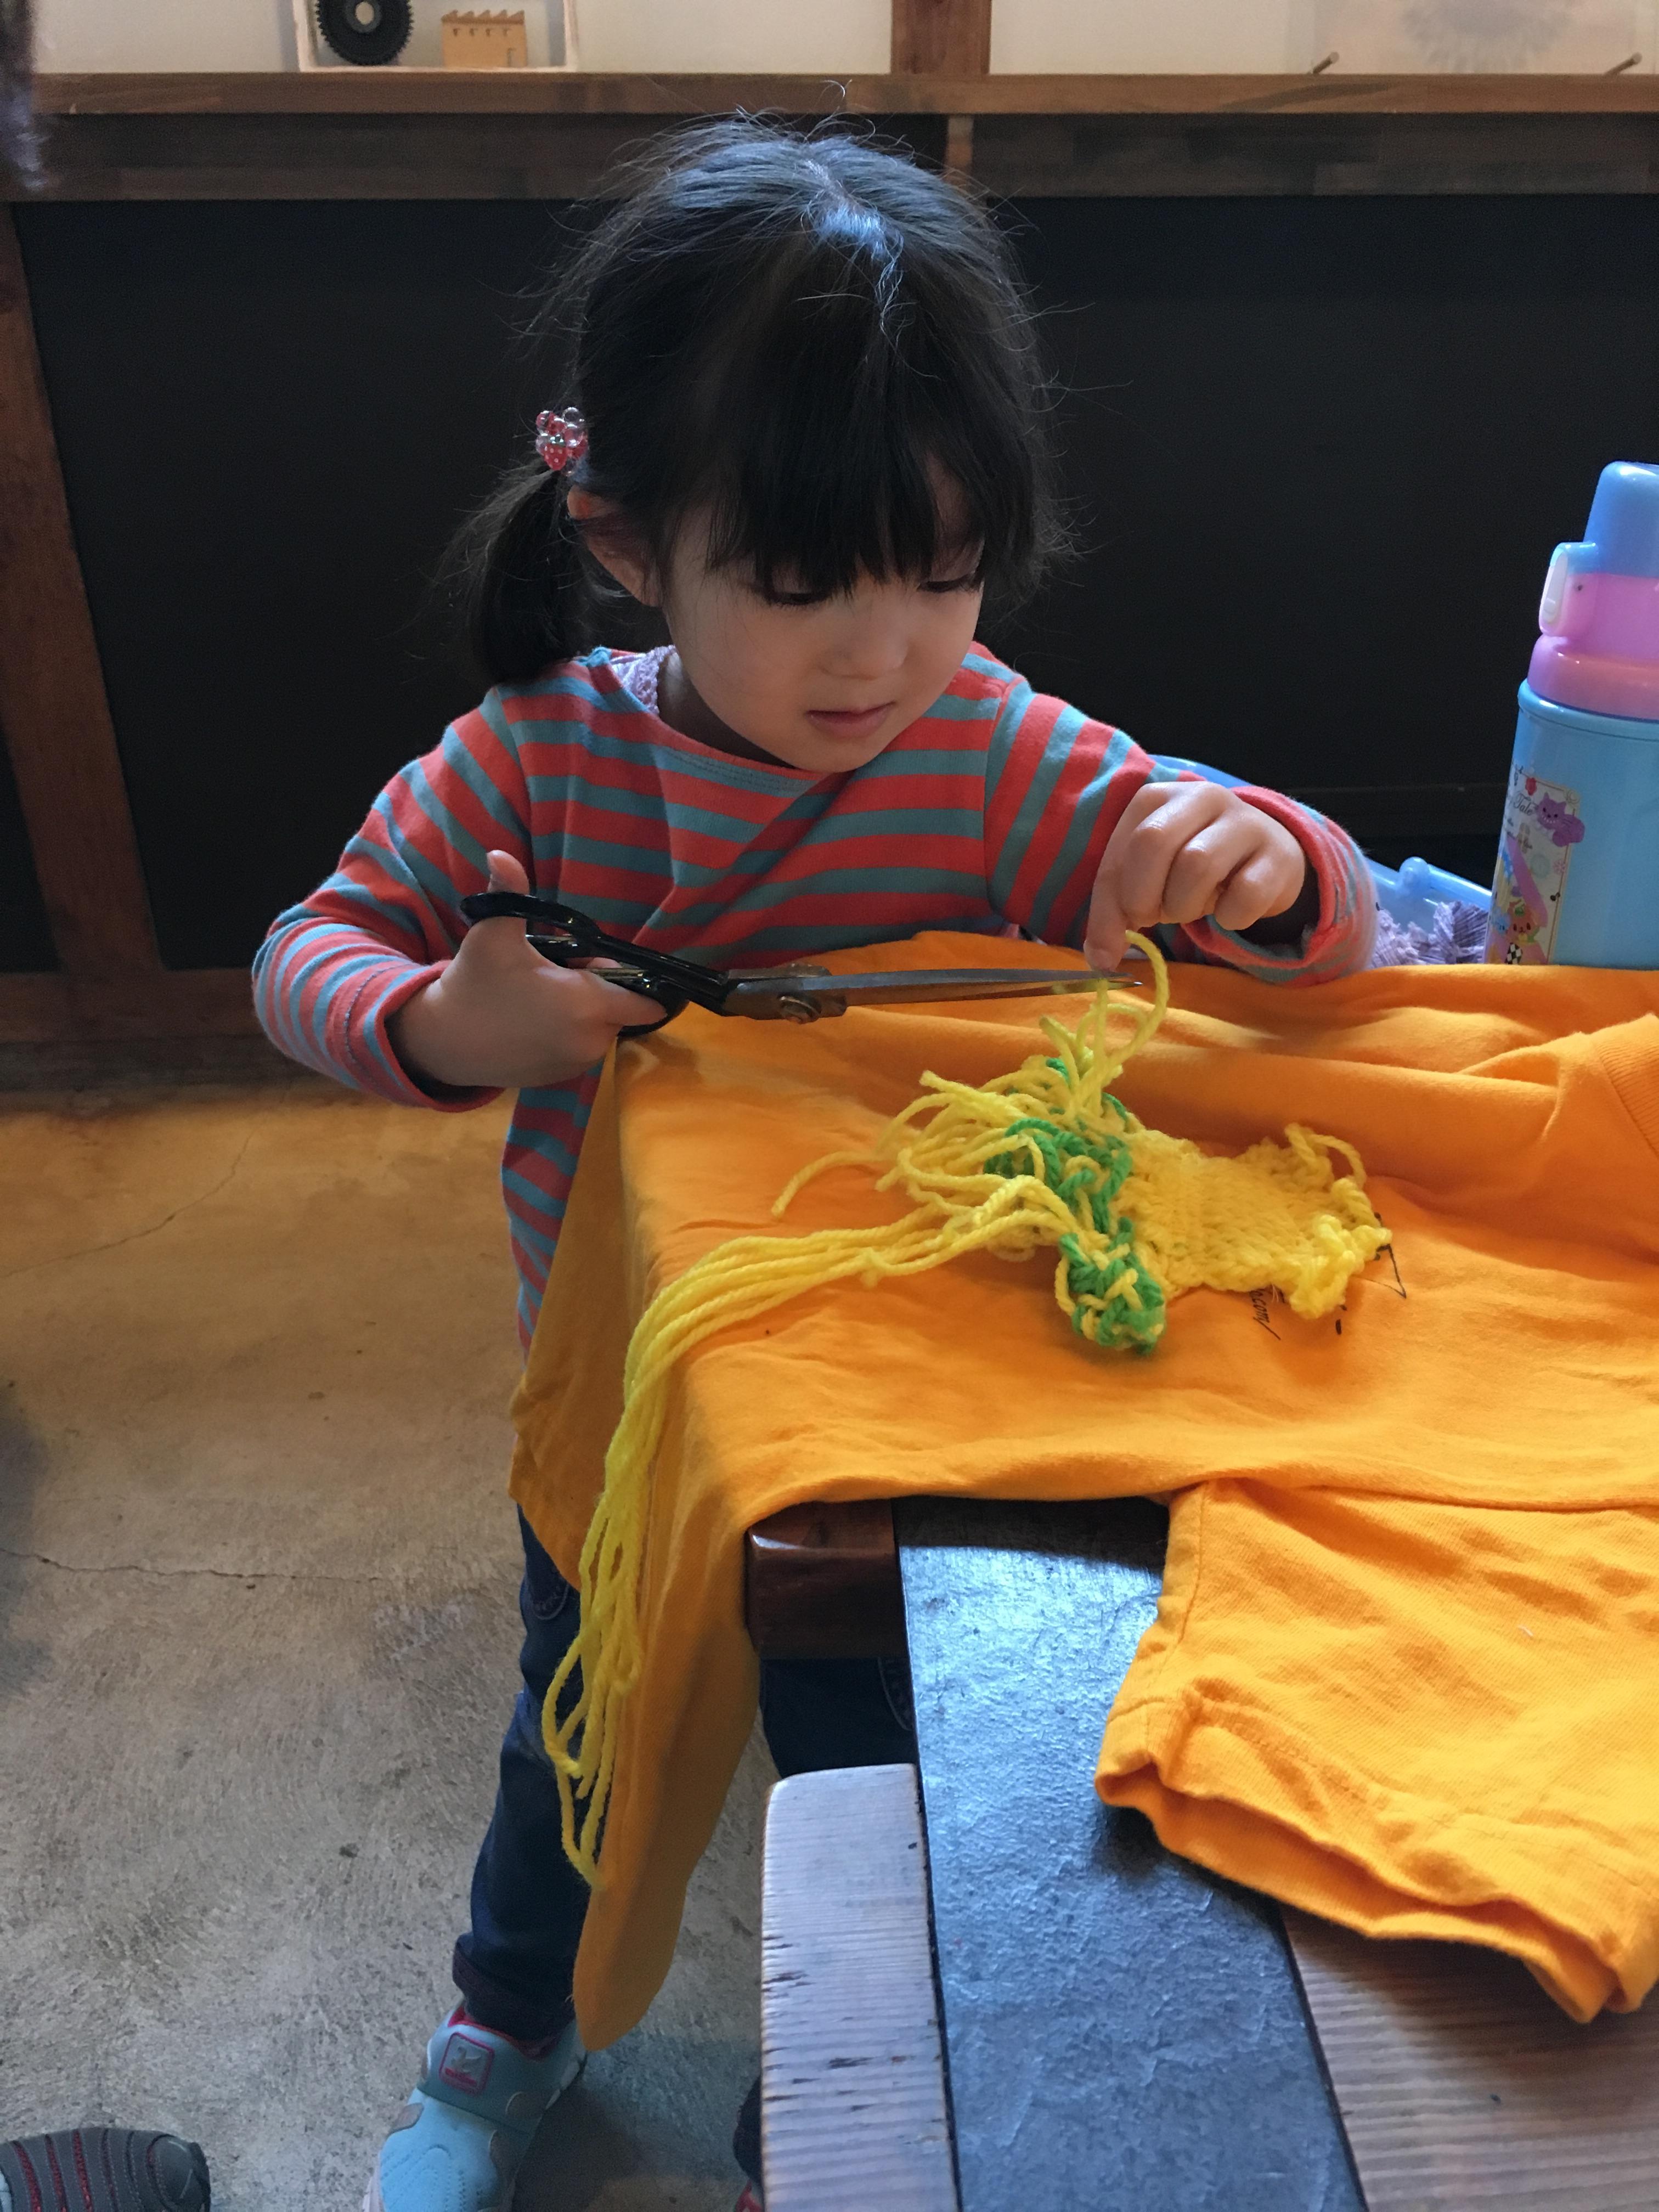 2016年4月に開催した滋賀の「ファブリカ村」でのイベントでは、「親子で服のリメイク」と題し、親子の参加者が持参した服を共にリメイクした。